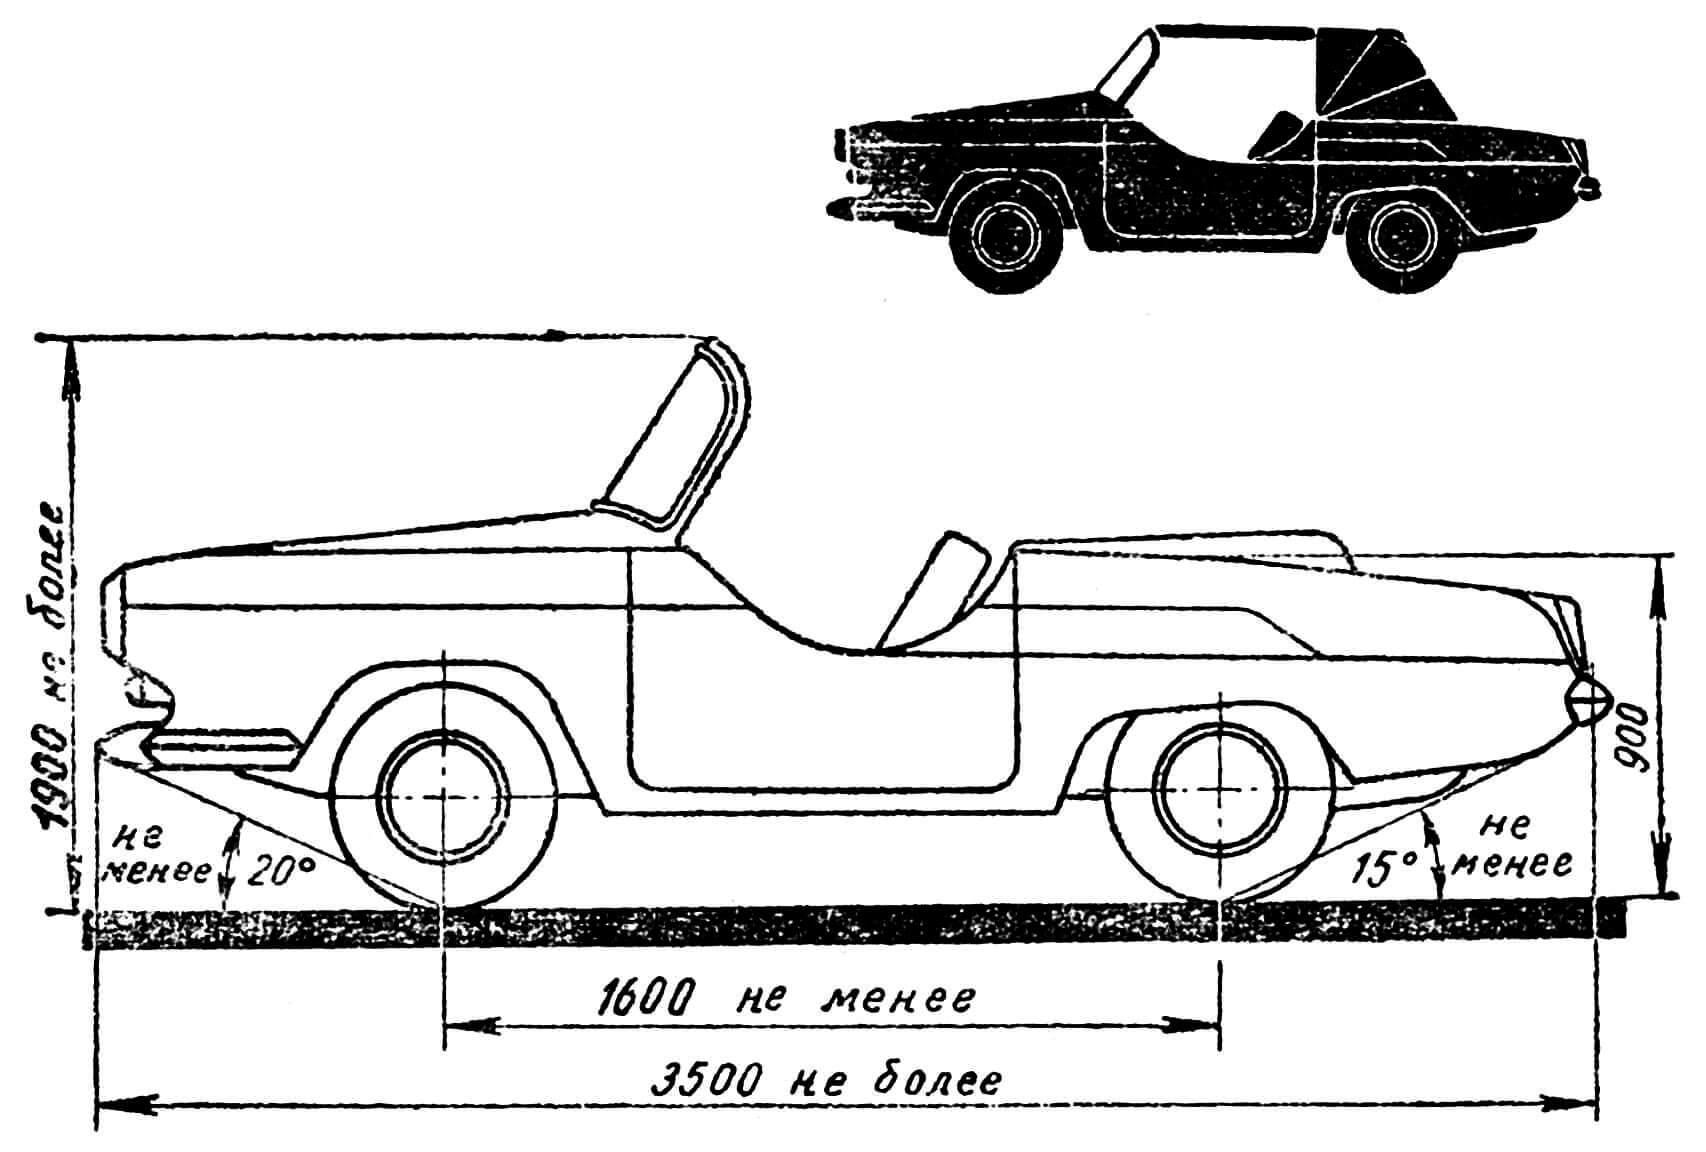 РИС. 1. ОСНОВНЫЕ РАЗМЕРЫ МИКРОАВТОМОБИЛЯ. Ширина — не более 1,5 м, колея — не менее 1,1 м, дорожный просвет — не менее 0,15 м, длина микроавтомобиля спортивного типа — не более 4 м.